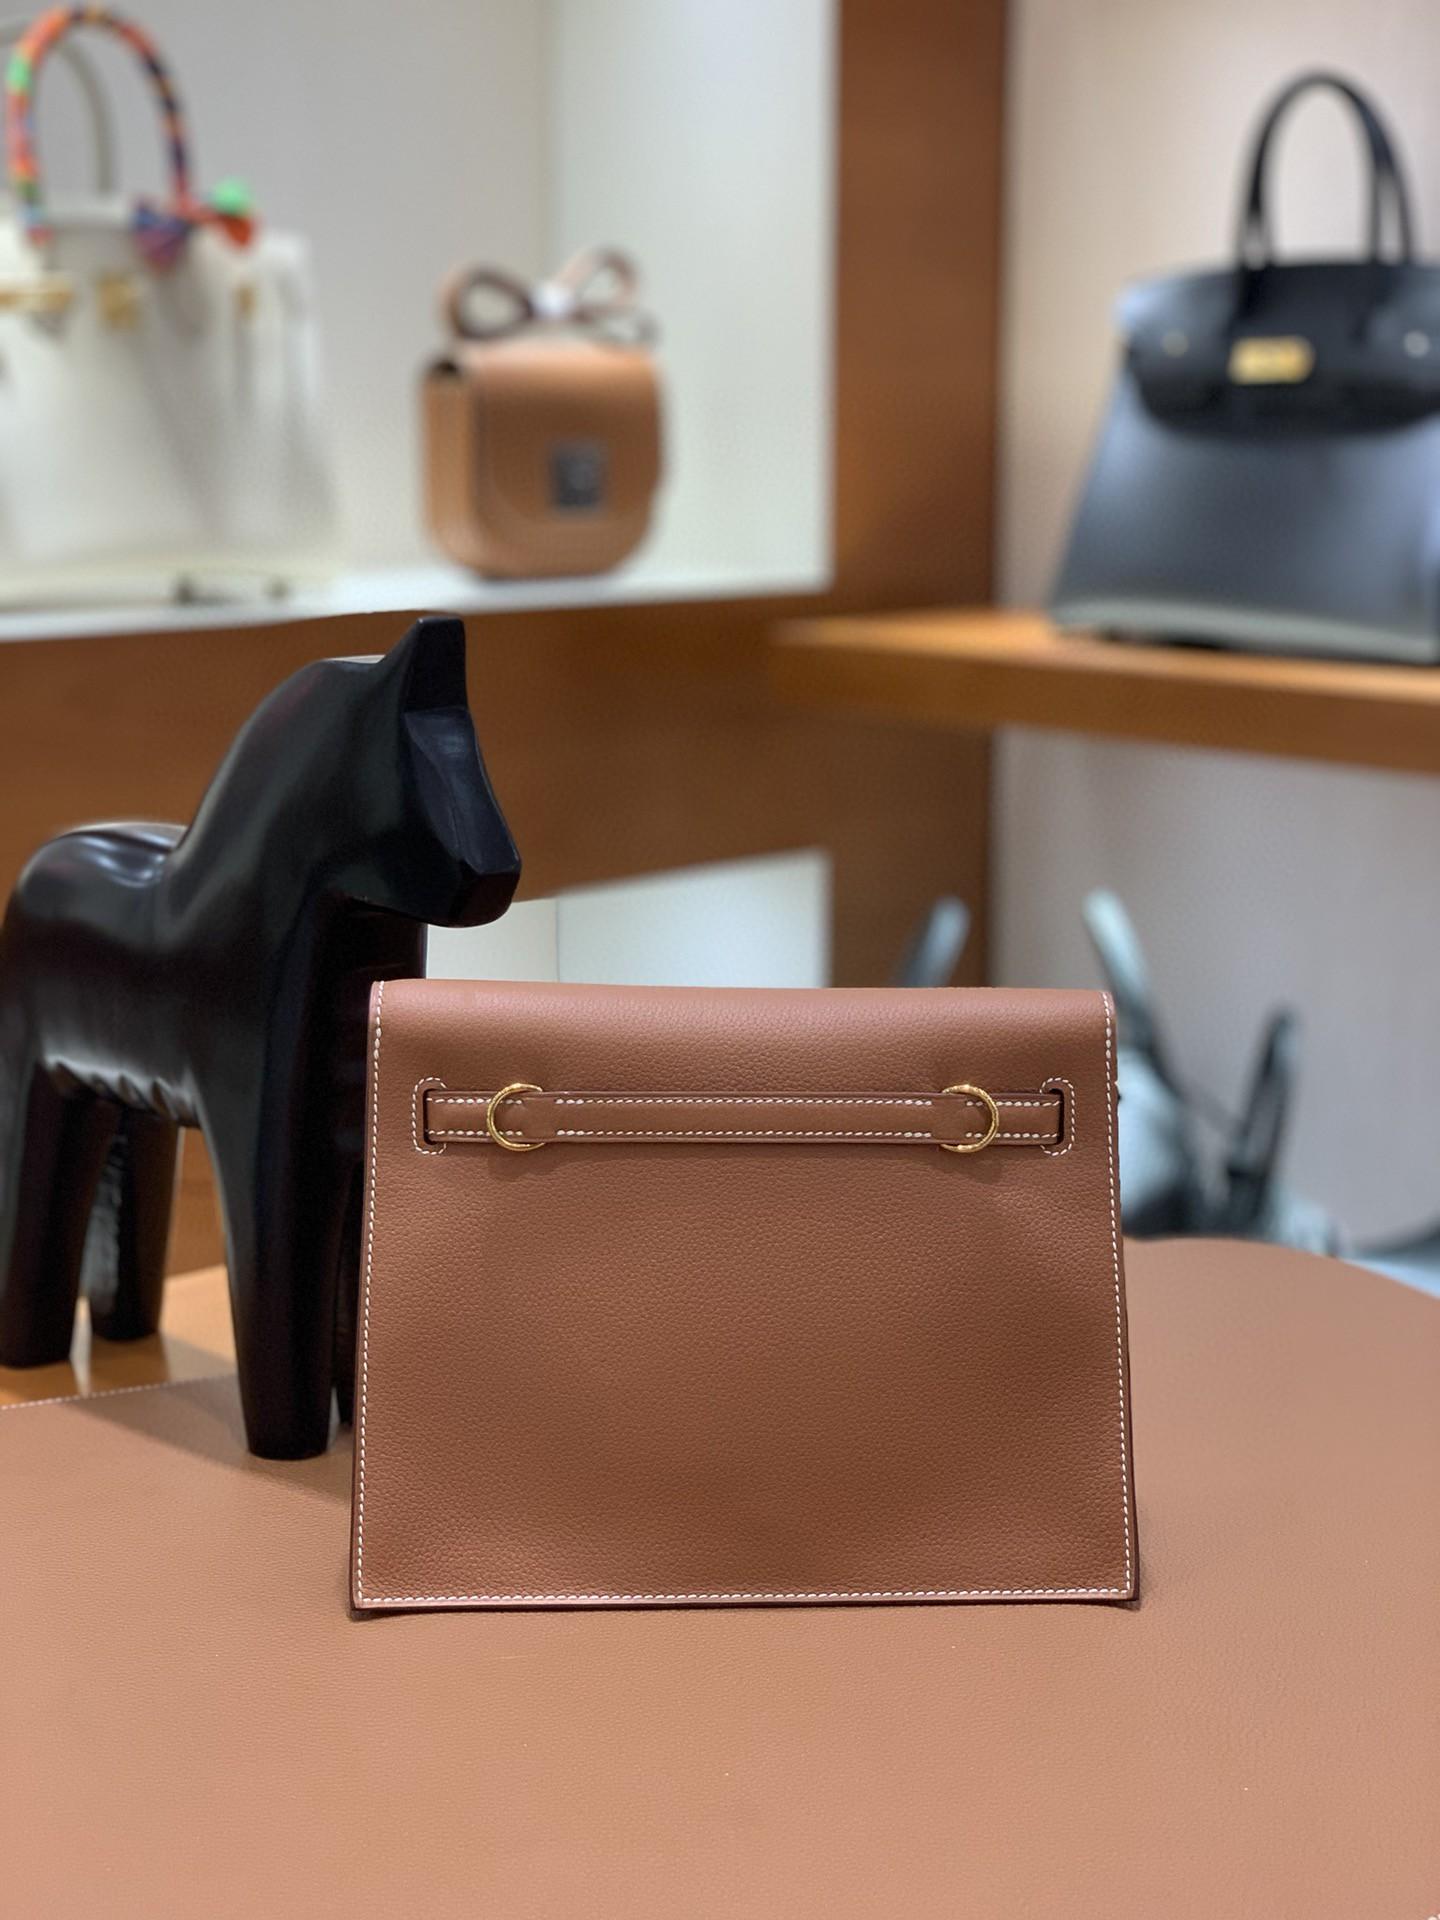 Hermès(爱马仕)Evercolor 金棕色 Kelly danse 22cm 金扣 现货